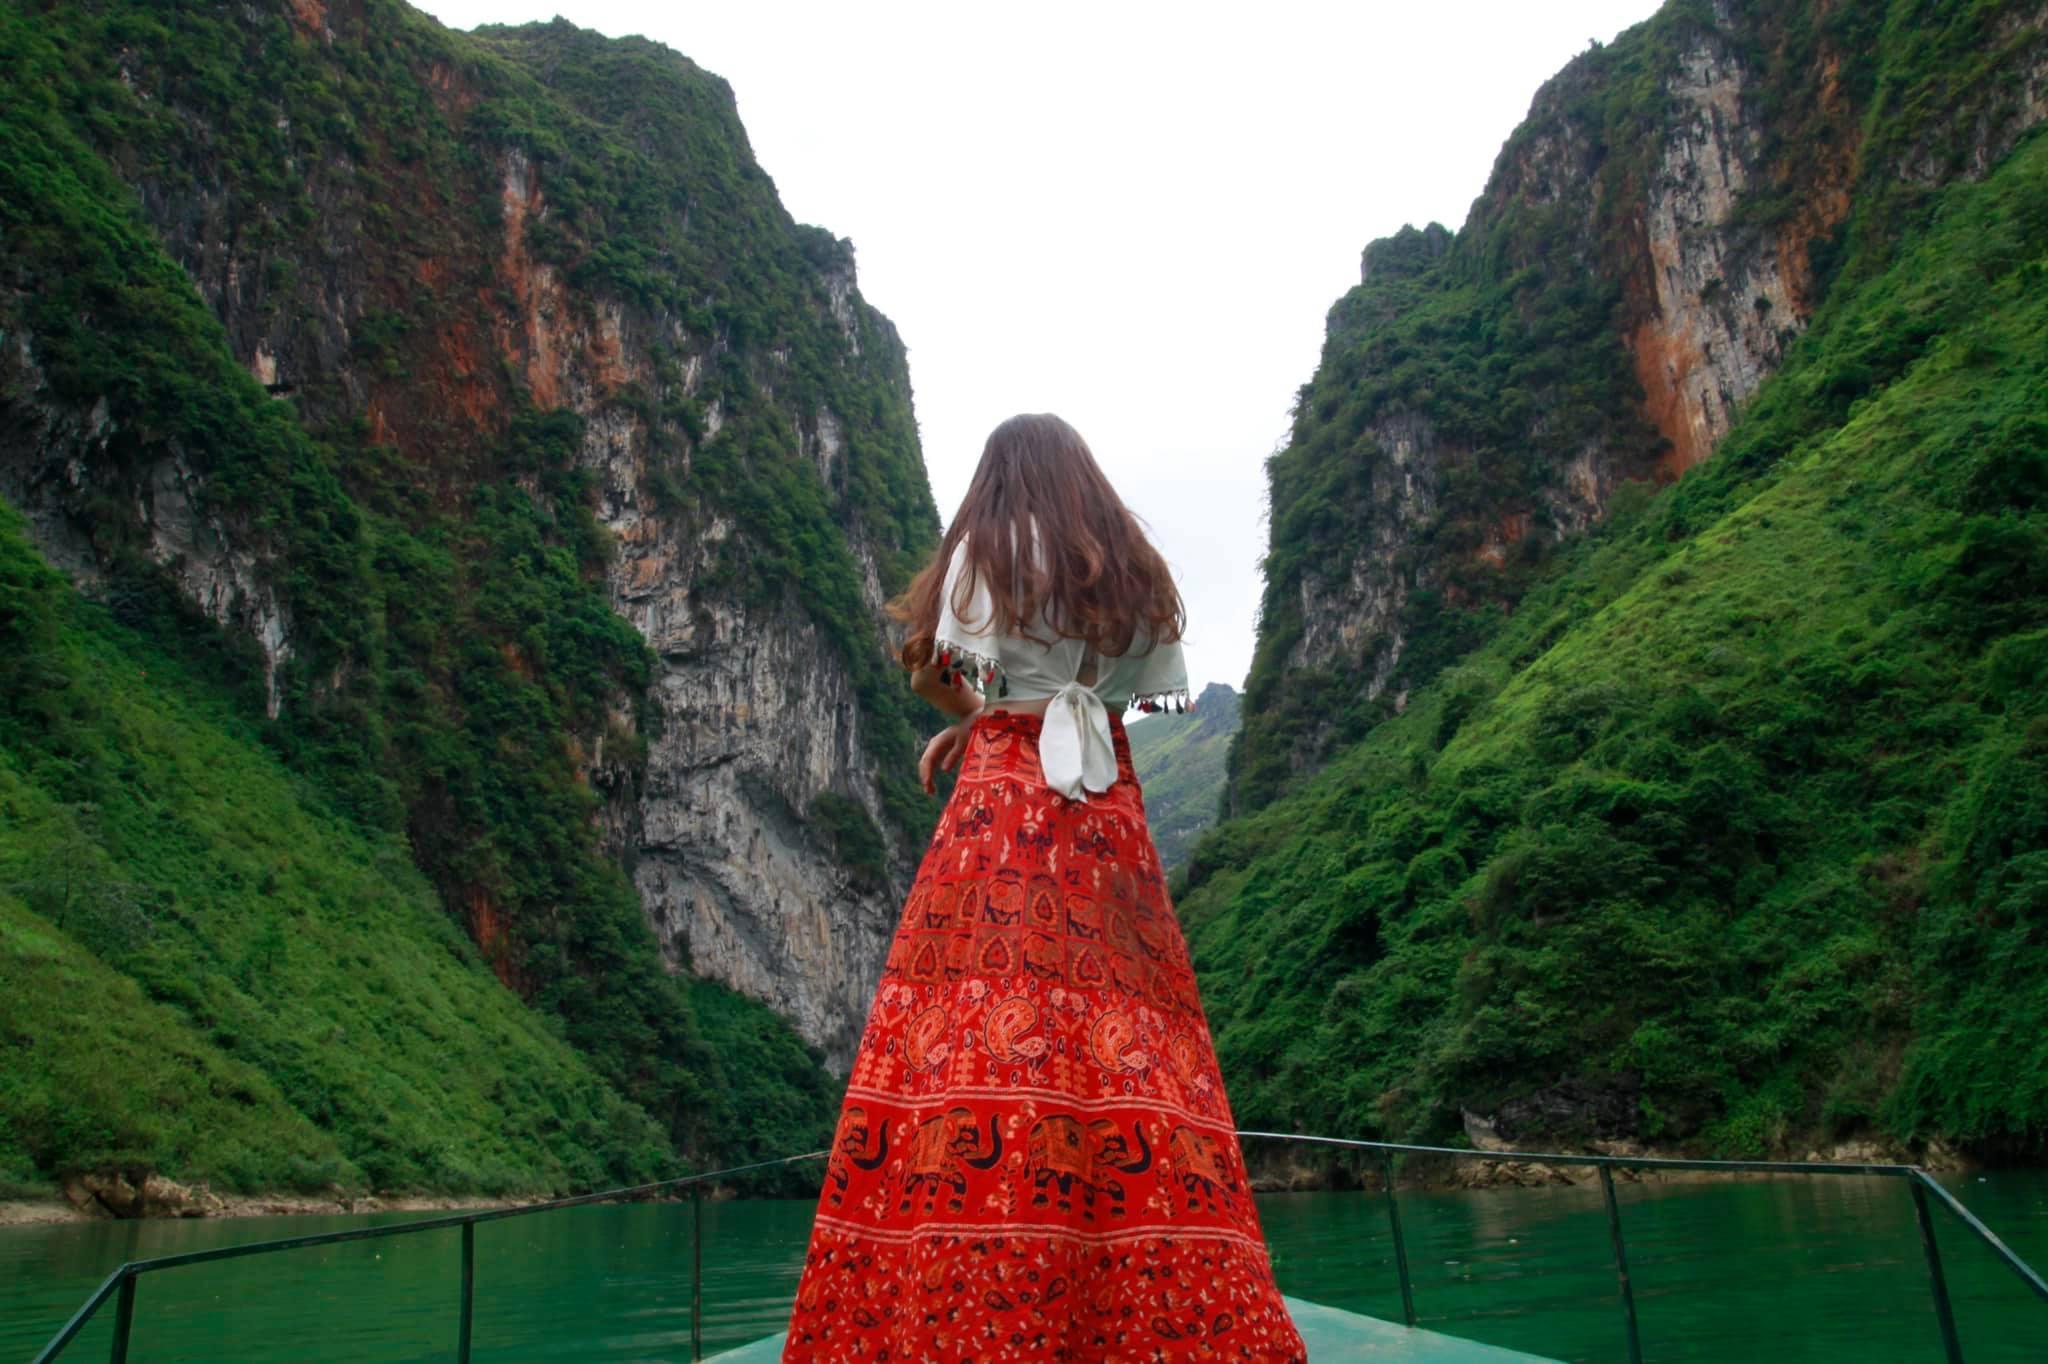 Top-3-diem-du-lich-nui-hot-nhat-trong-dip-tet-nguyen-dan-2020-vietmountain-travel1 (1)